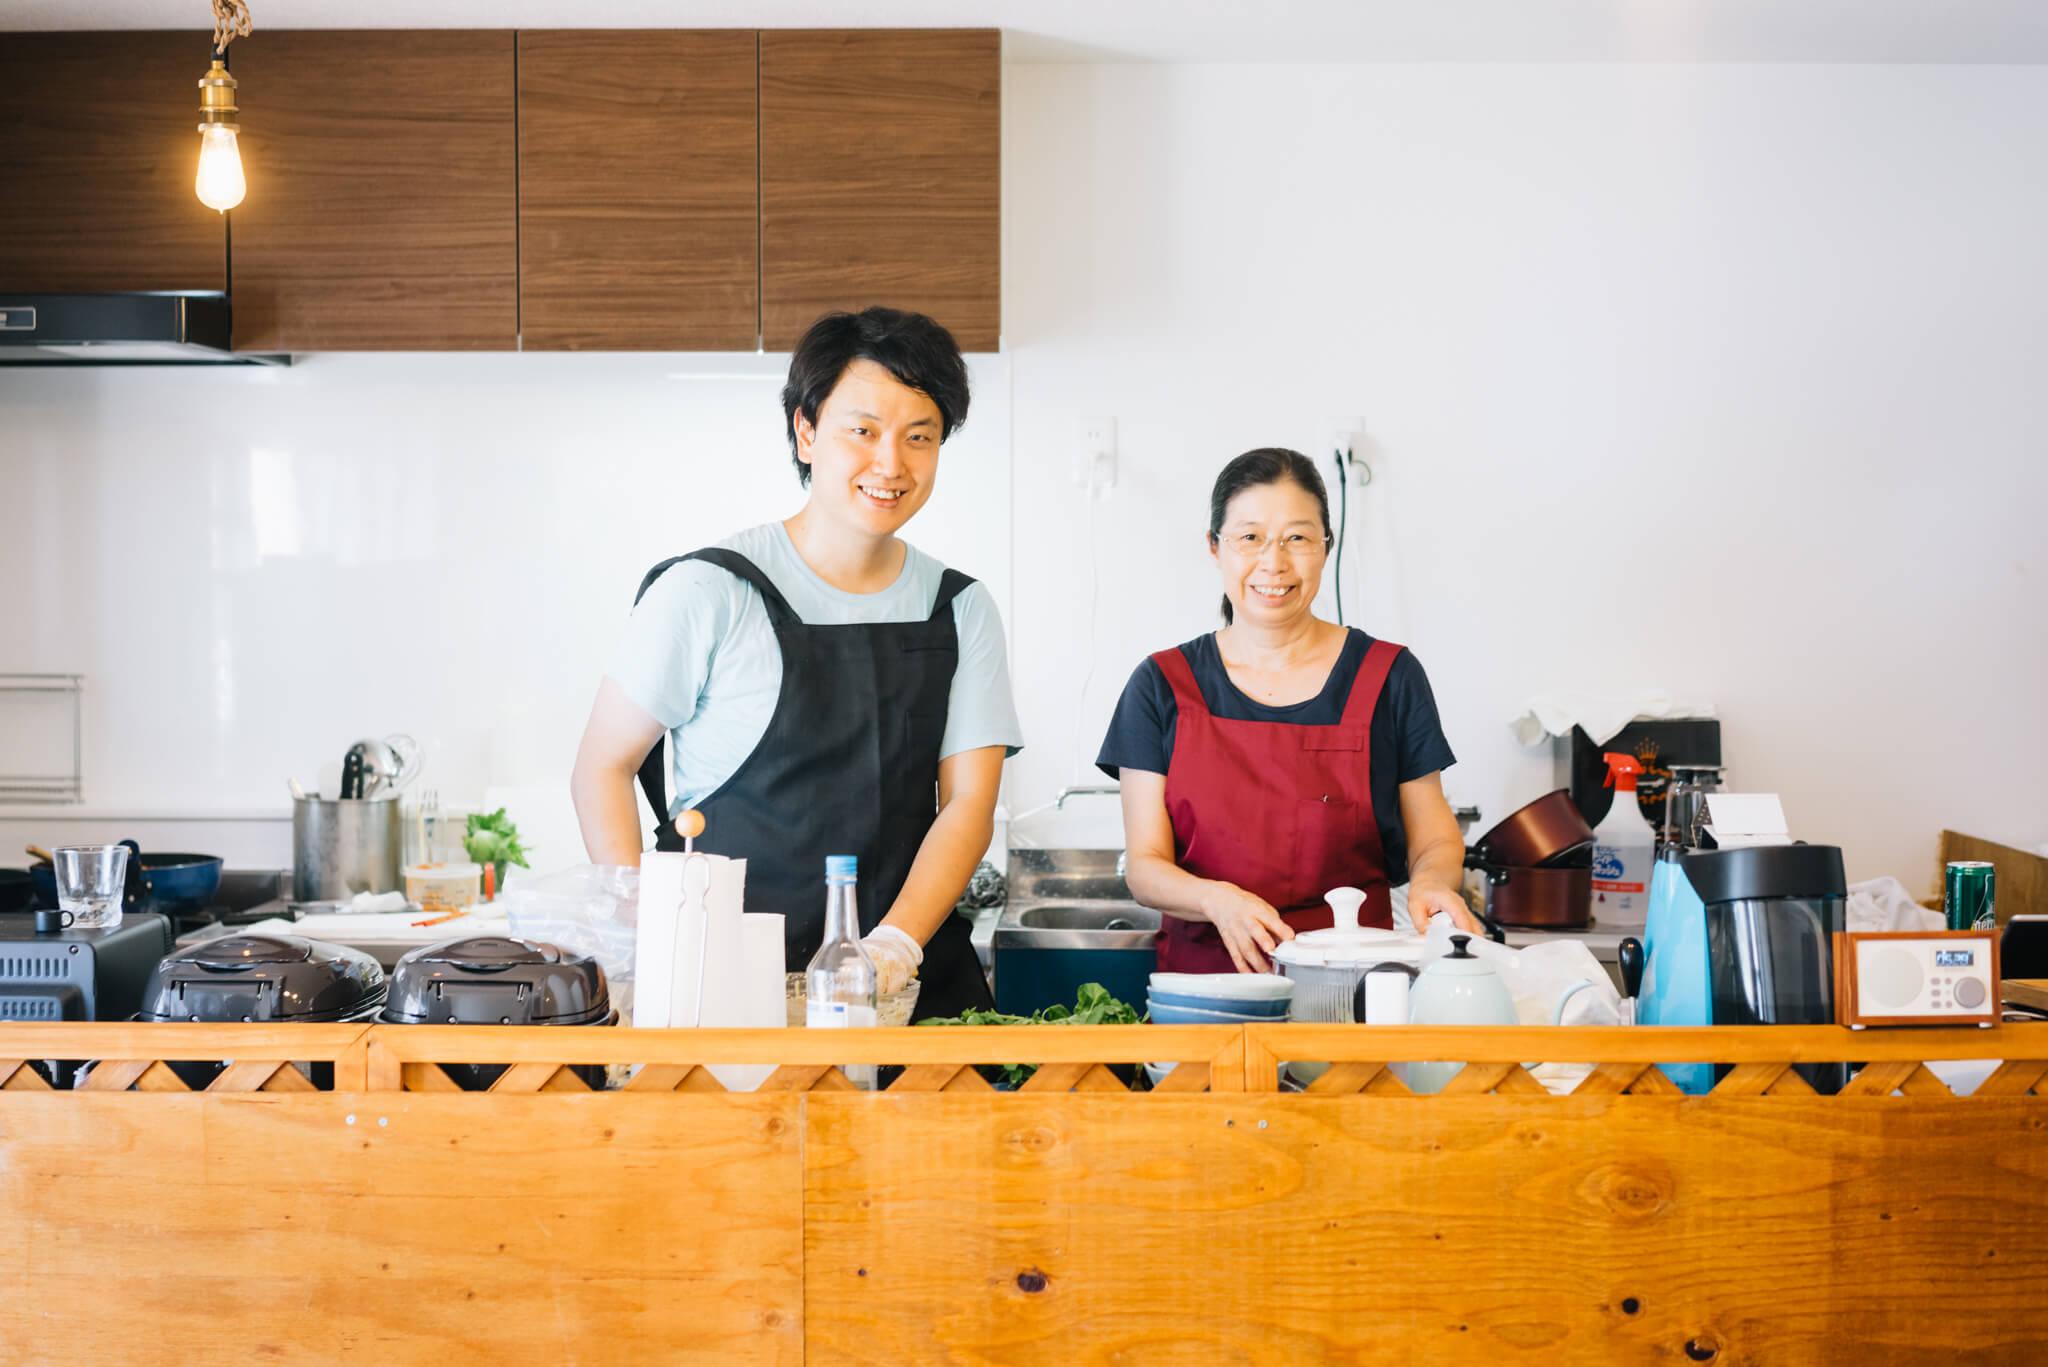 迎えてくれたのは、飲食部門総合プロデューサーの渡部敏毅さん(写真左)とスタッフさん